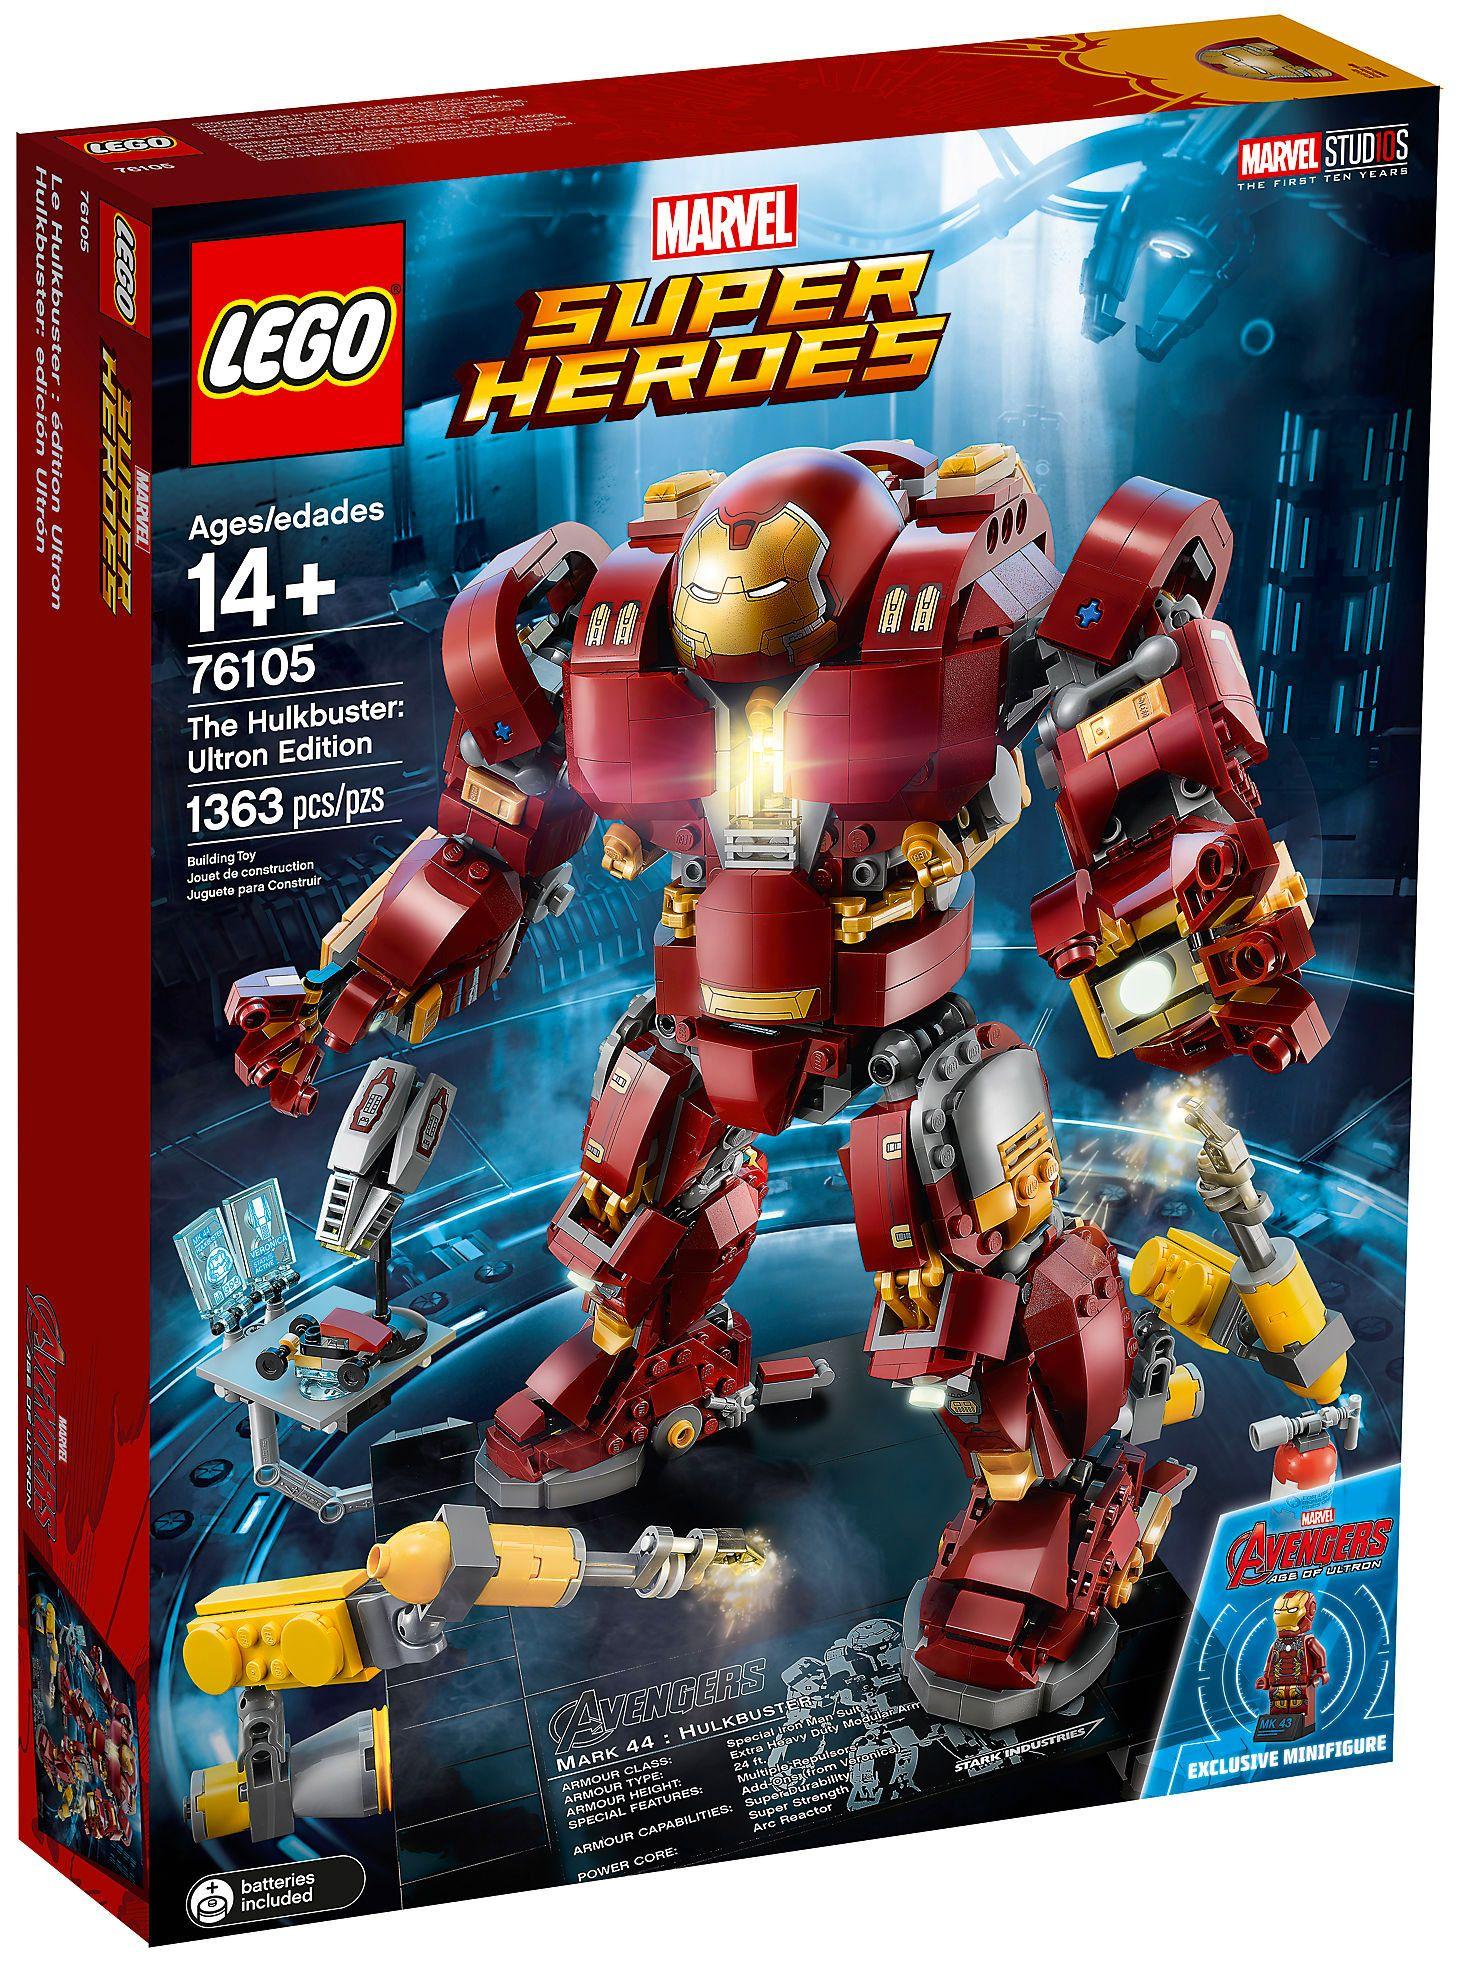 Jeu de Construction Le Combat de Hulkbuster Avengers Lego Marvel Super Heroes 76104